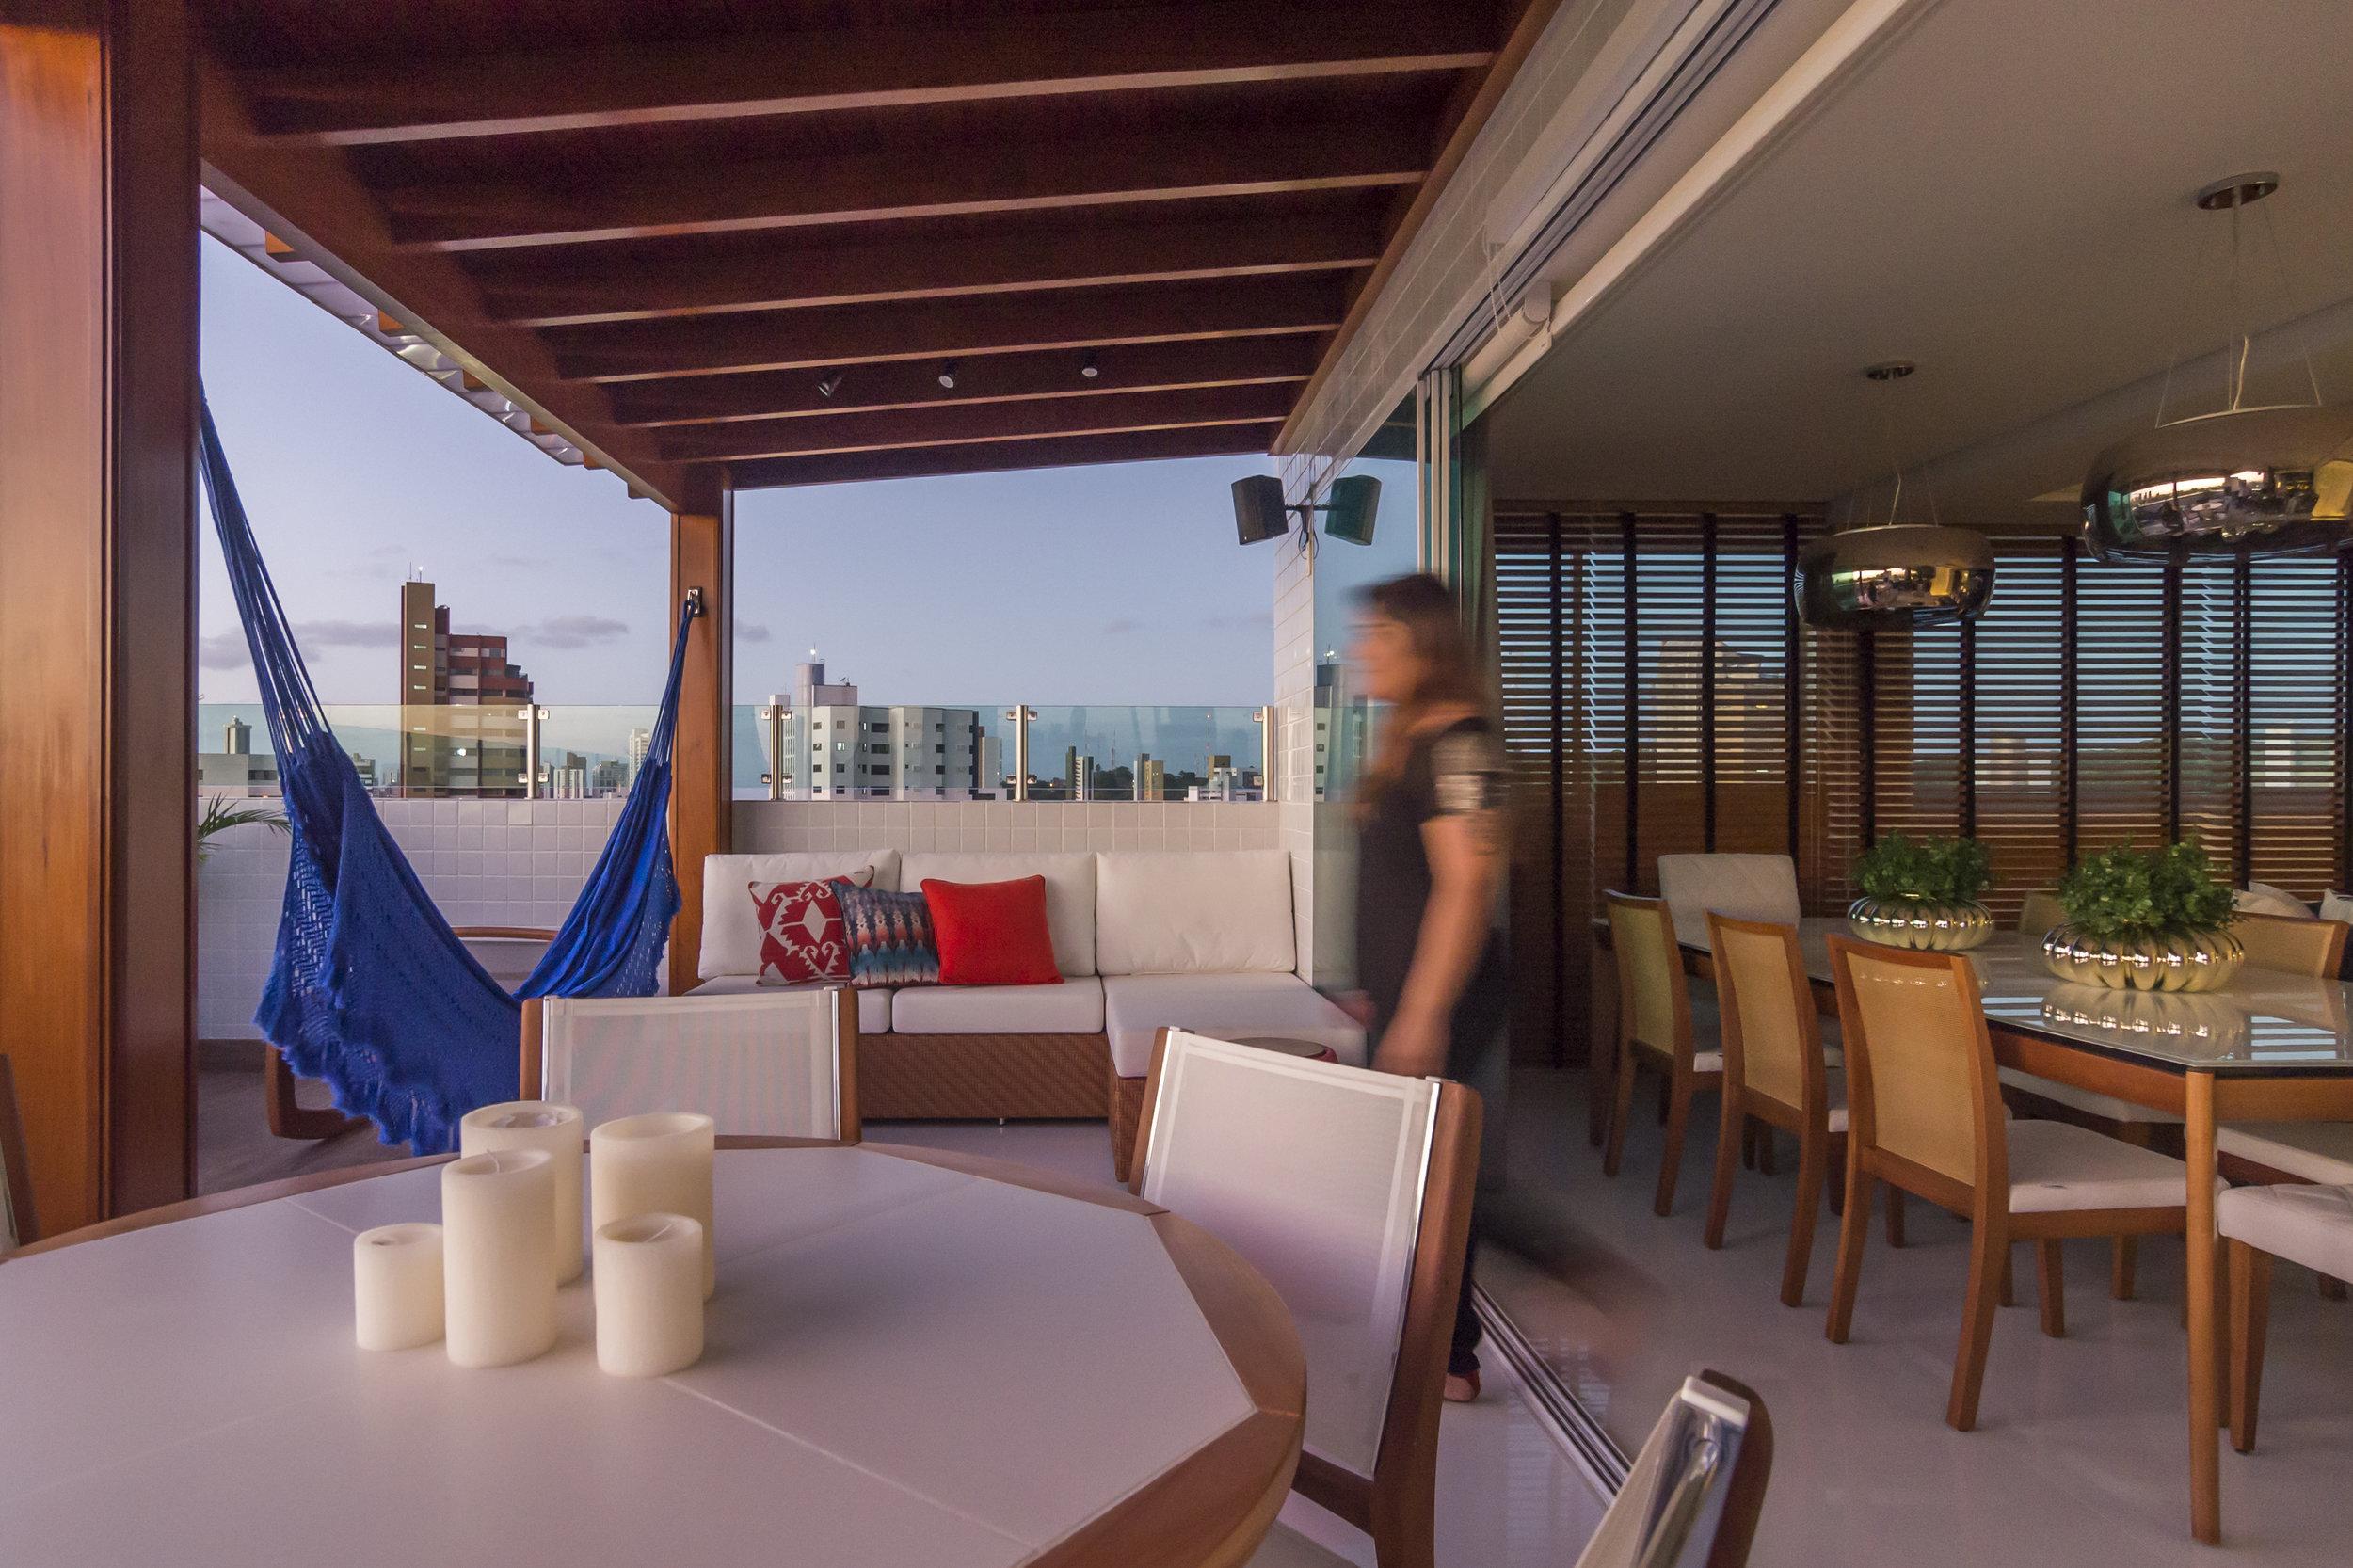 projeto-arquitetonico-robertoindira-duo-arquitetura-apartamentos-gourmet-011.jpg